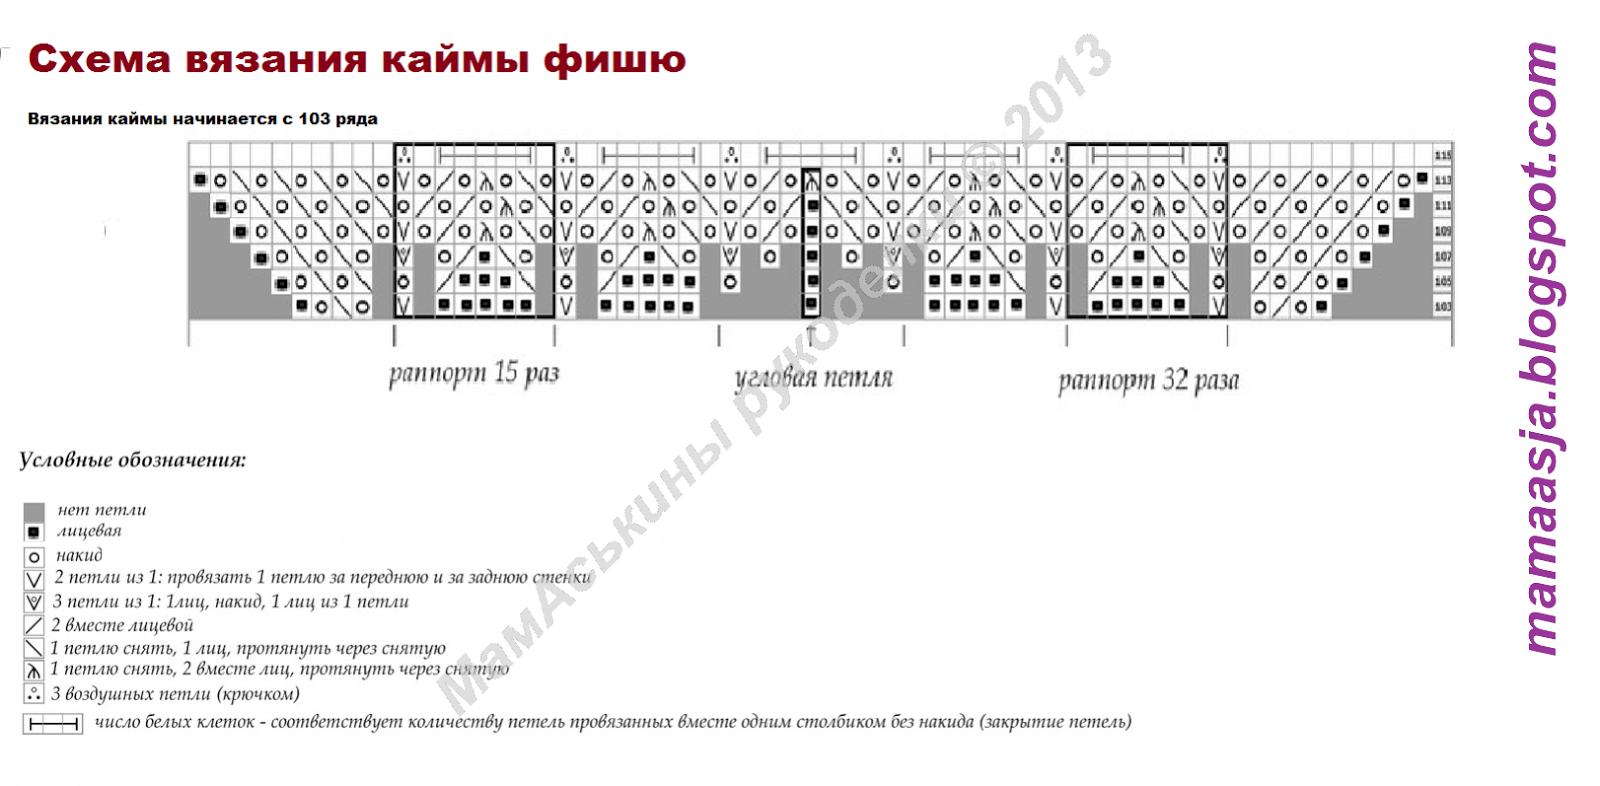 Вязание с каймой спицами схема и описание для начинающих